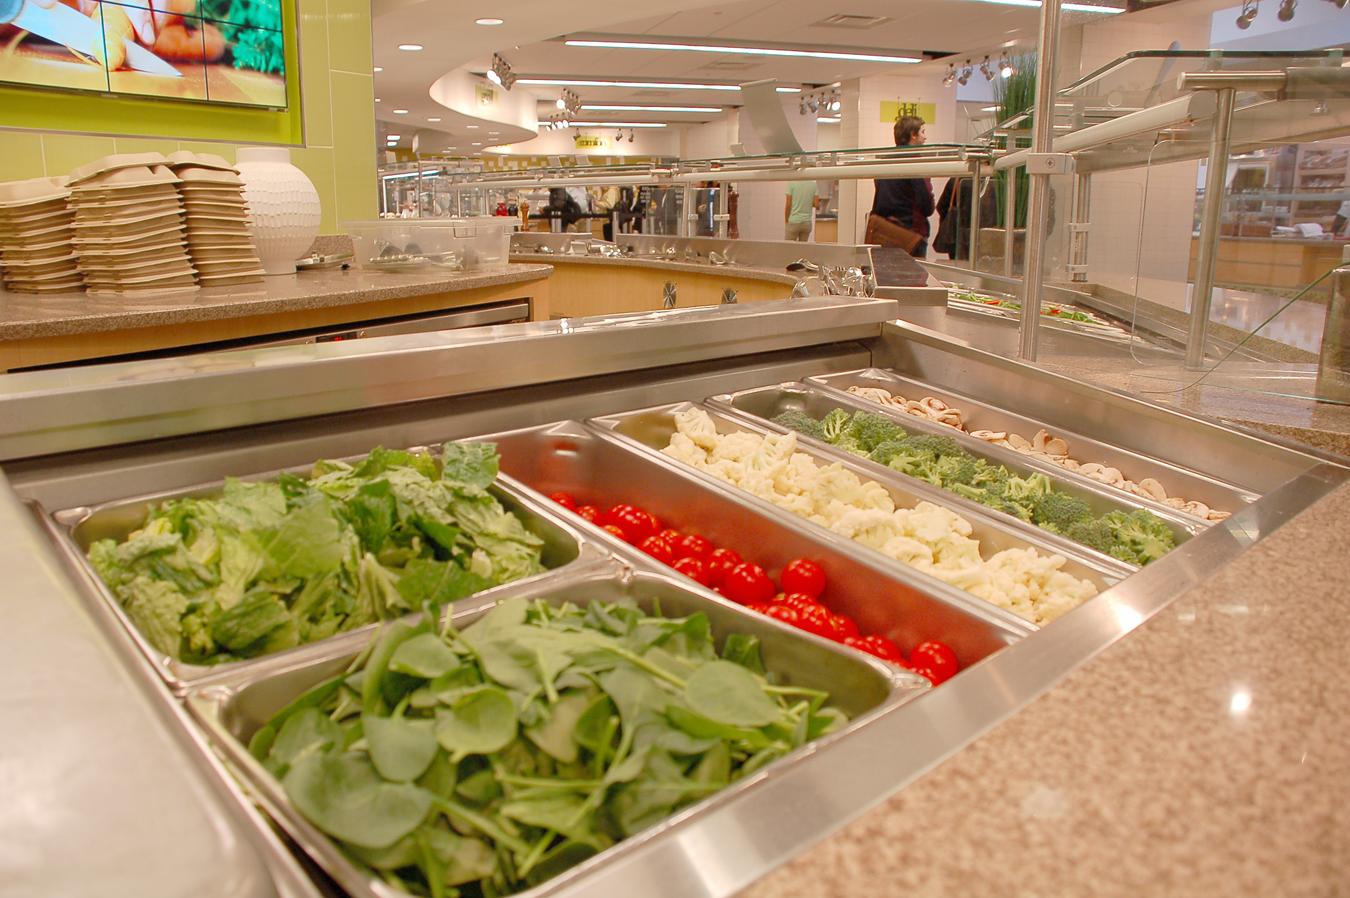 Salad Bar Vanderbilt Campus Dining